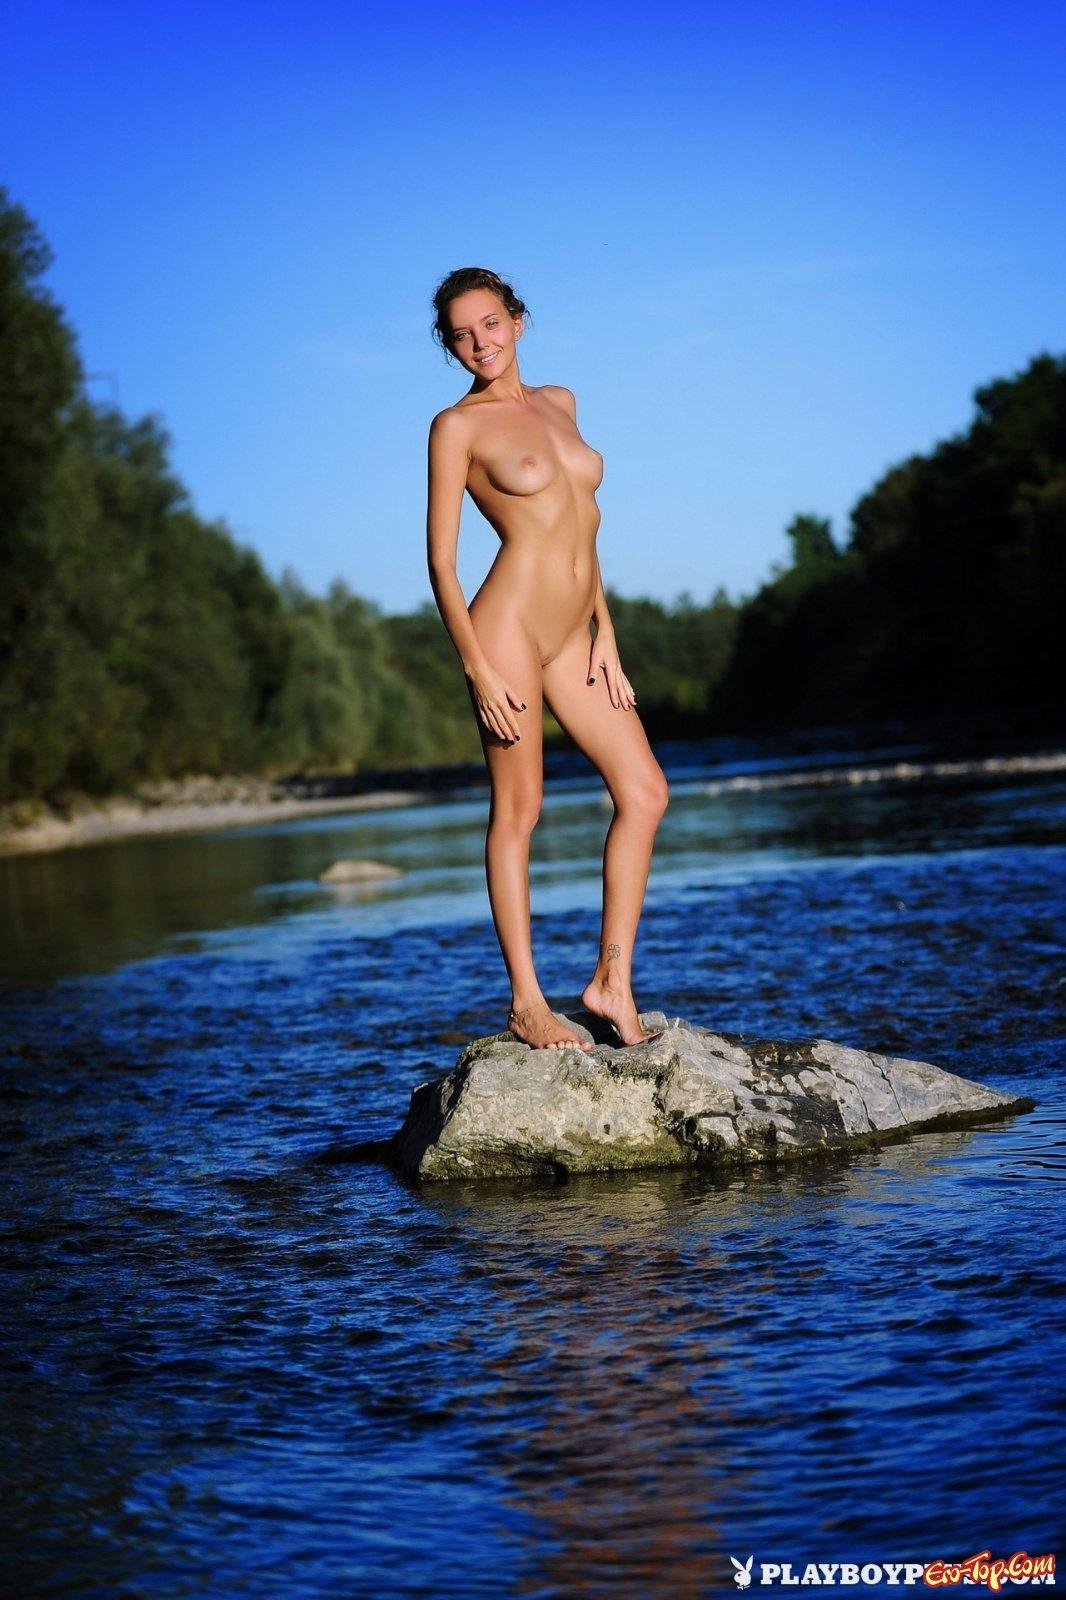 Красивые девушки на природе фото прикольные картинки